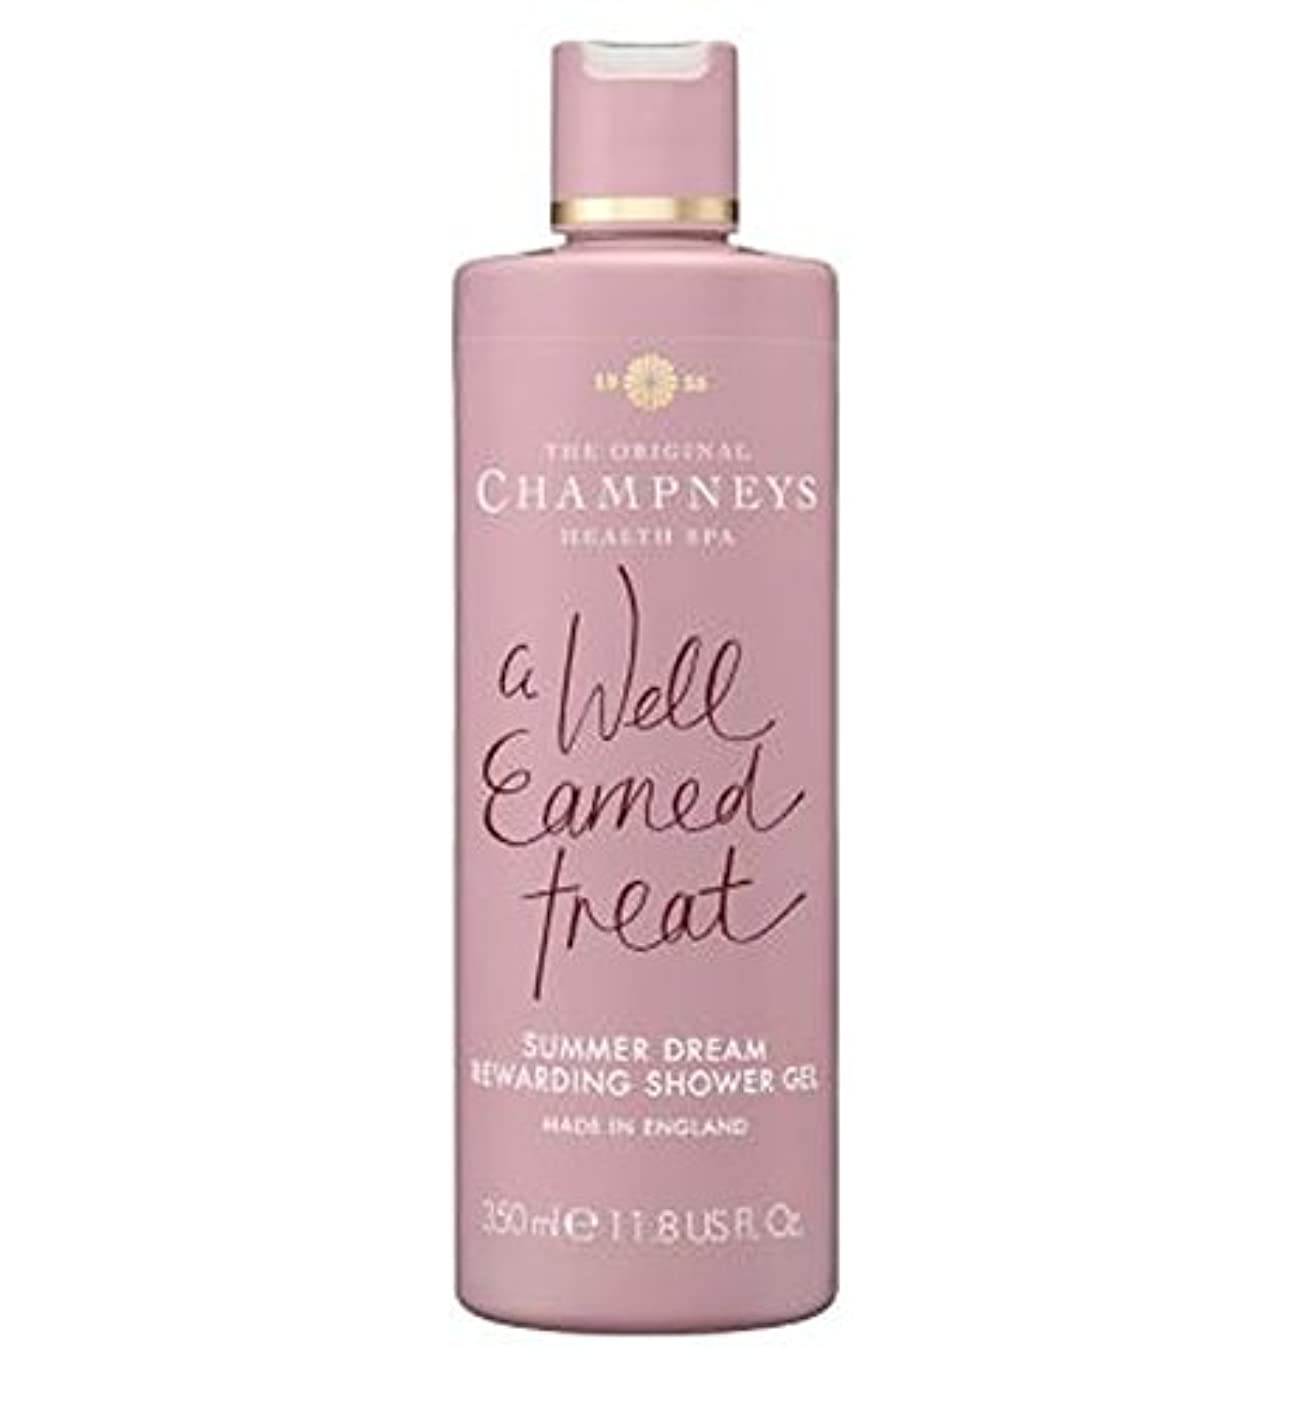 消化ベール目の前のチャンプニーズの夏の夢やりがいのシャワージェル350ミリリットル (Champneys) (x2) - Champneys Summer Dream Rewarding Shower Gel 350ml (Pack of...